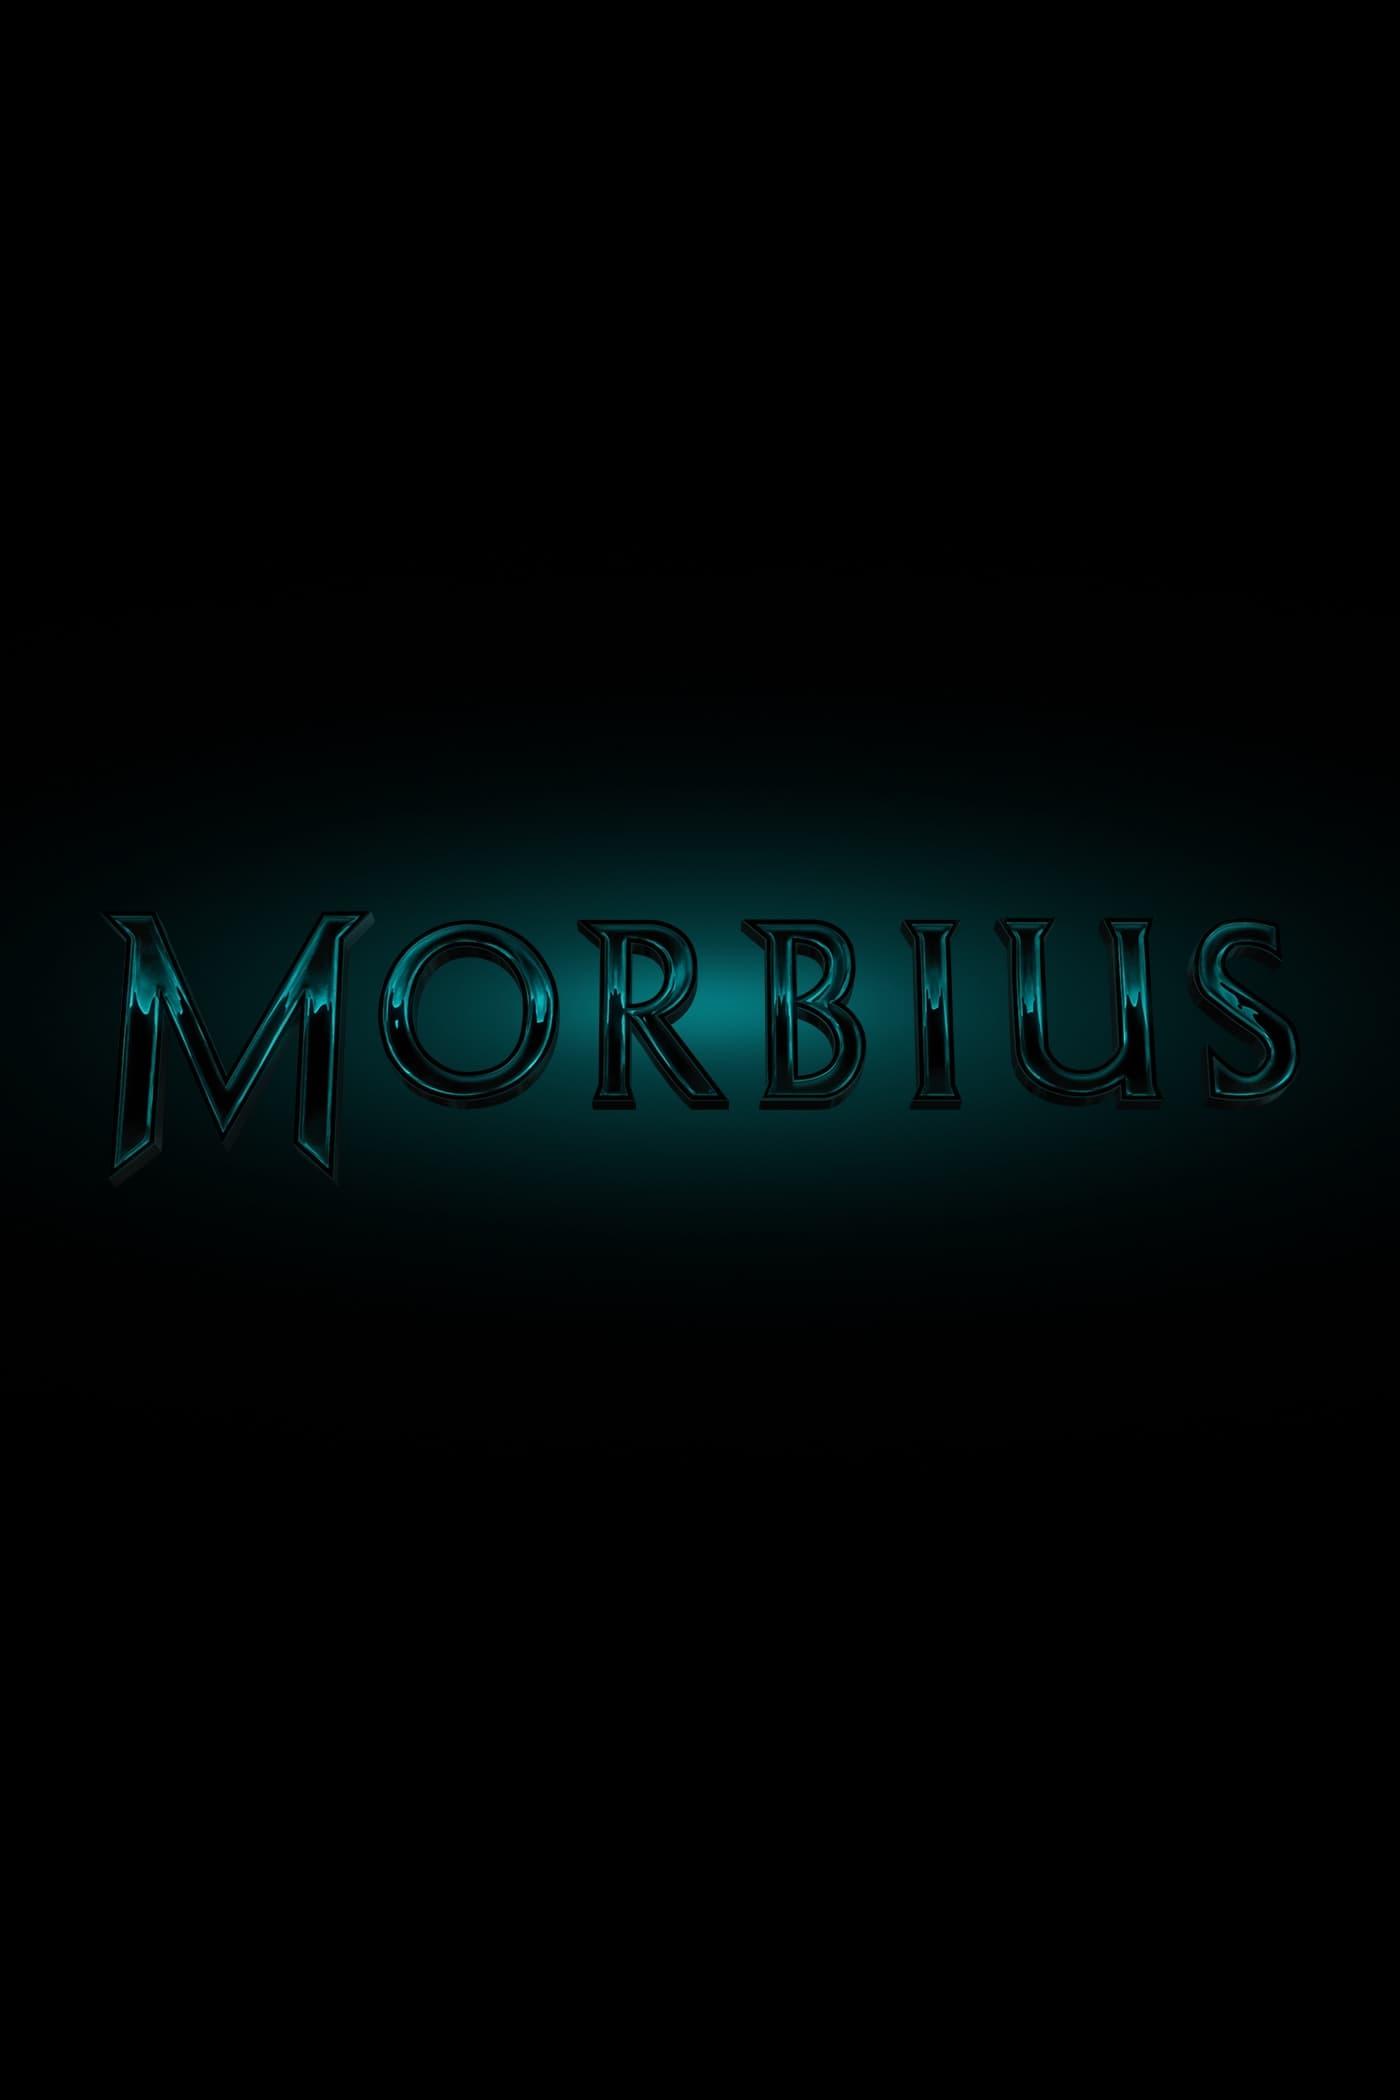 מורביוס